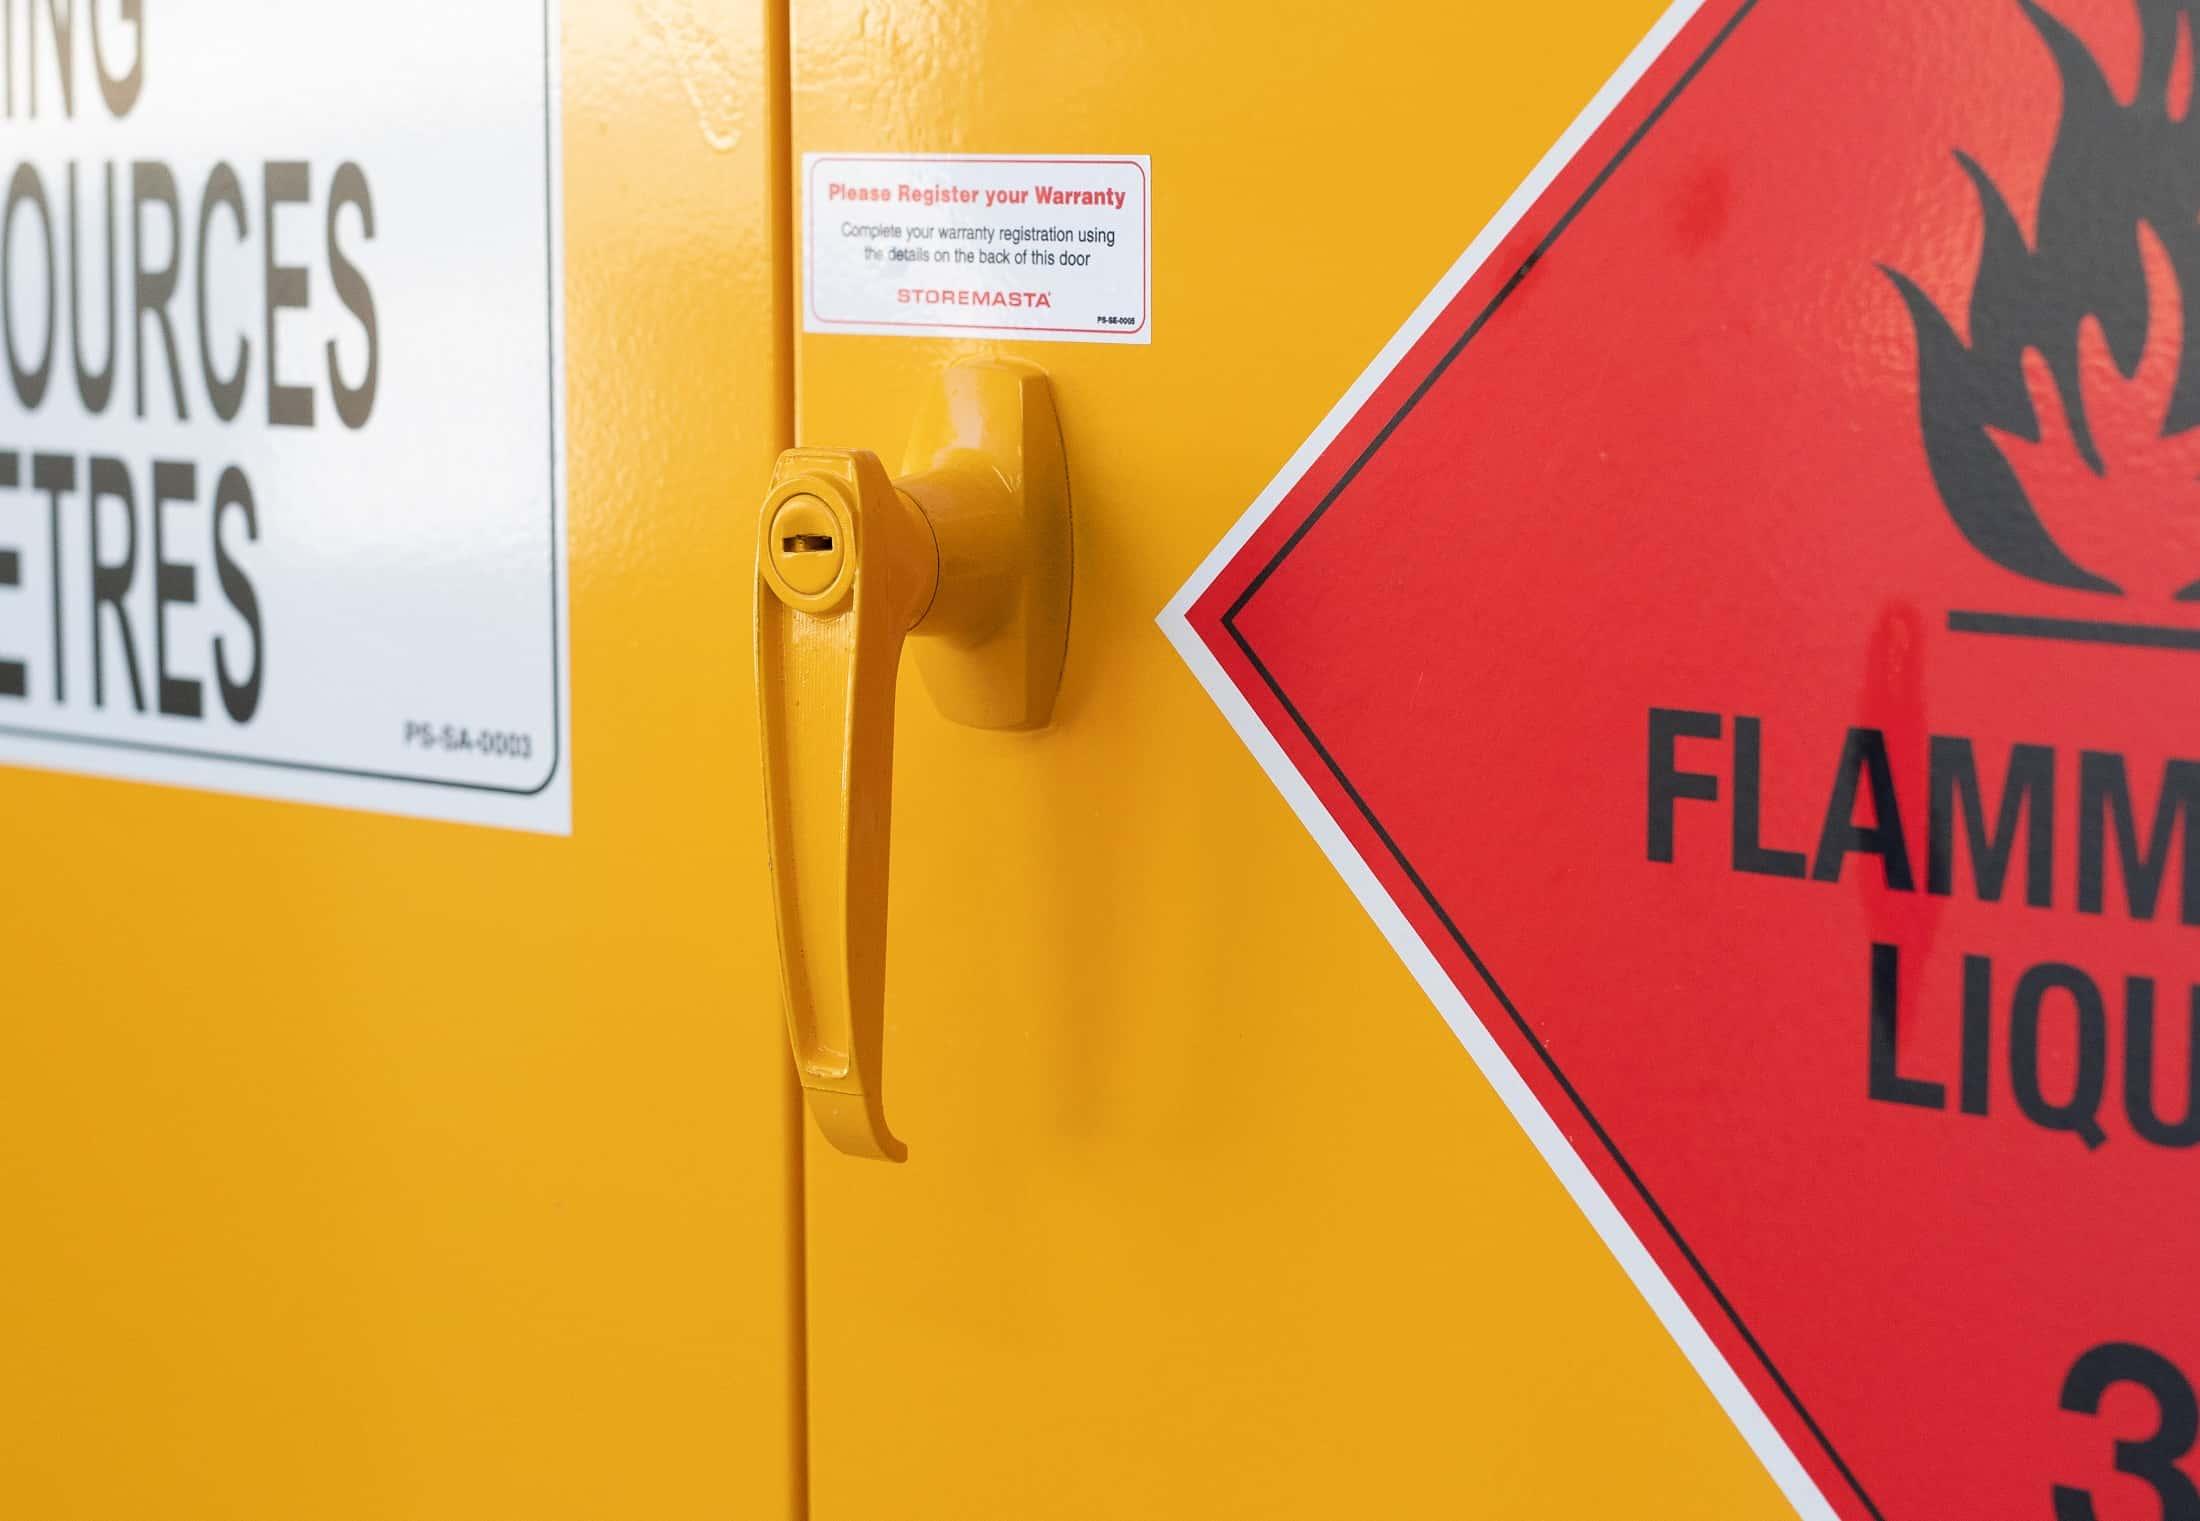 KeepingYour Indoor Flammable Liquids Cabinets Safe, EffectiveandCompliant